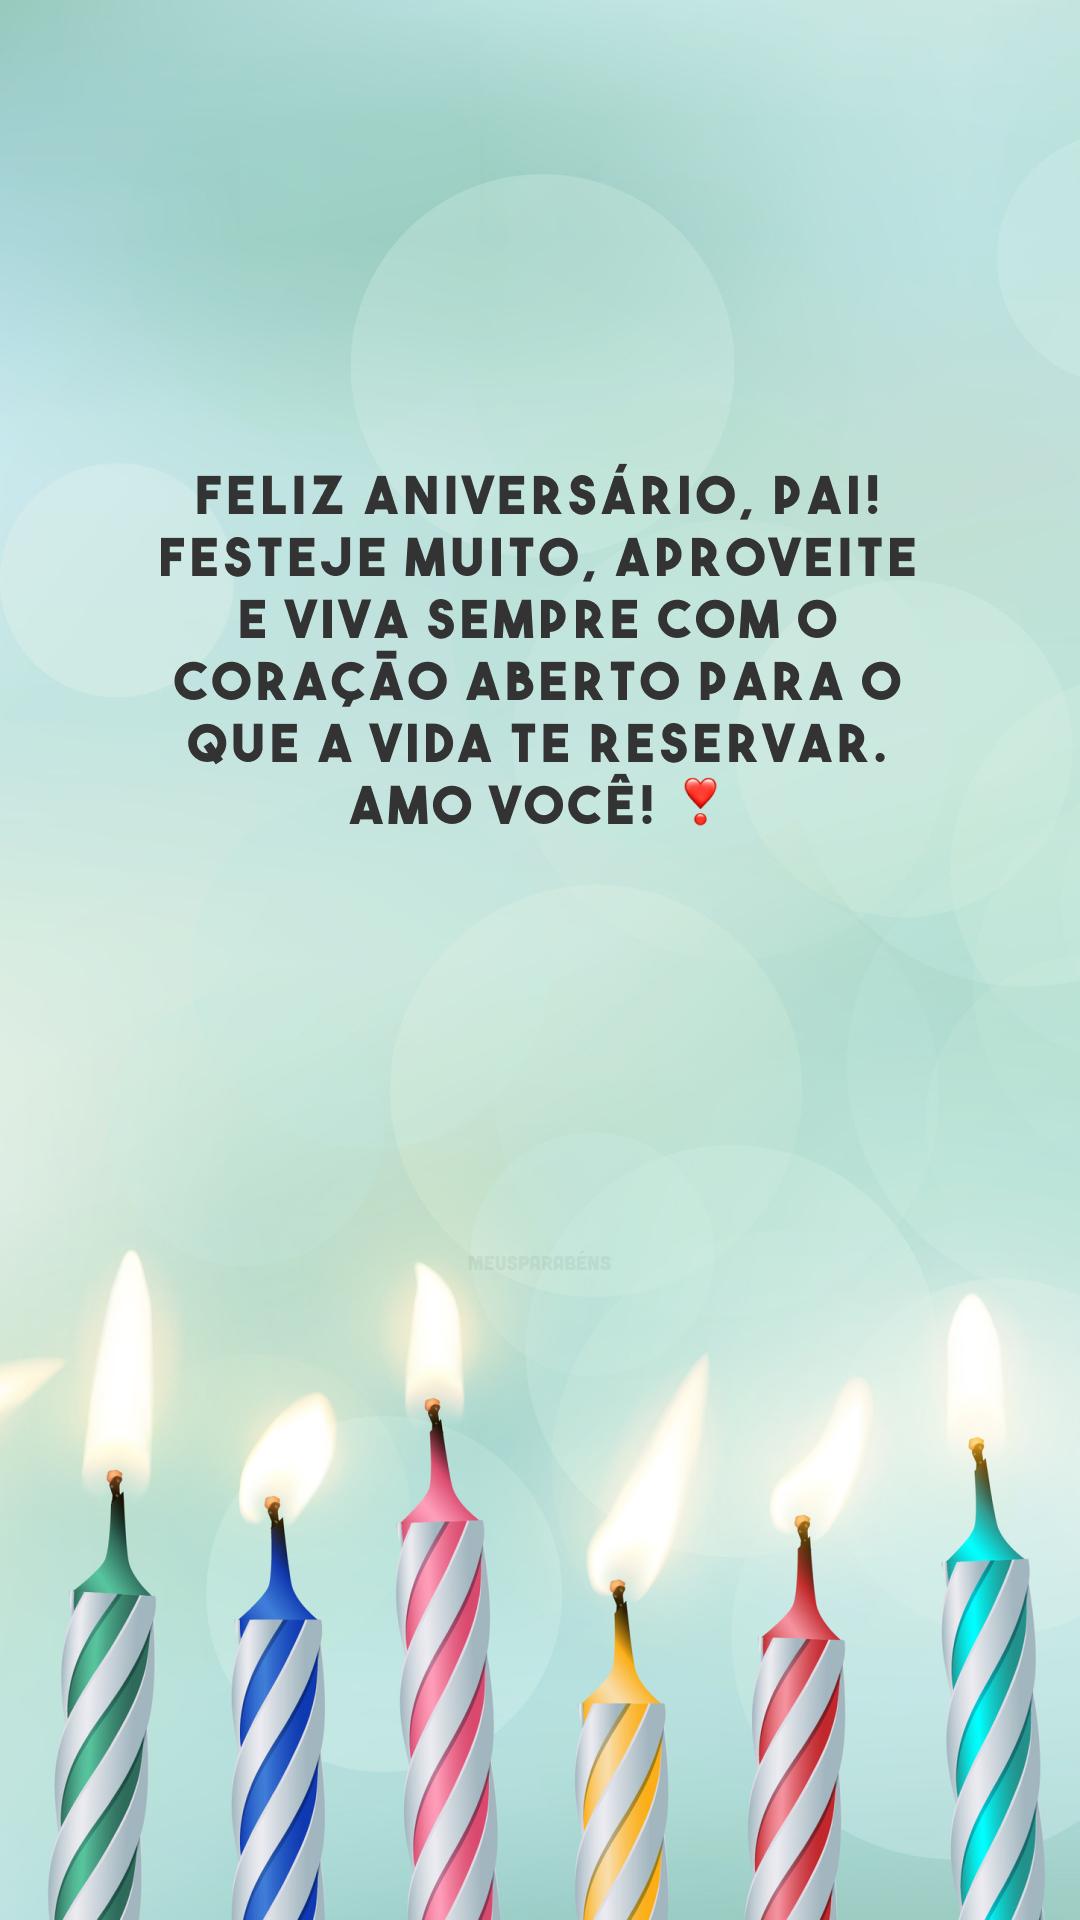 Feliz aniversário, pai! Festeje muito, aproveite e viva sempre com o coração aberto para o que a vida te reservar. Amo você! ❣️